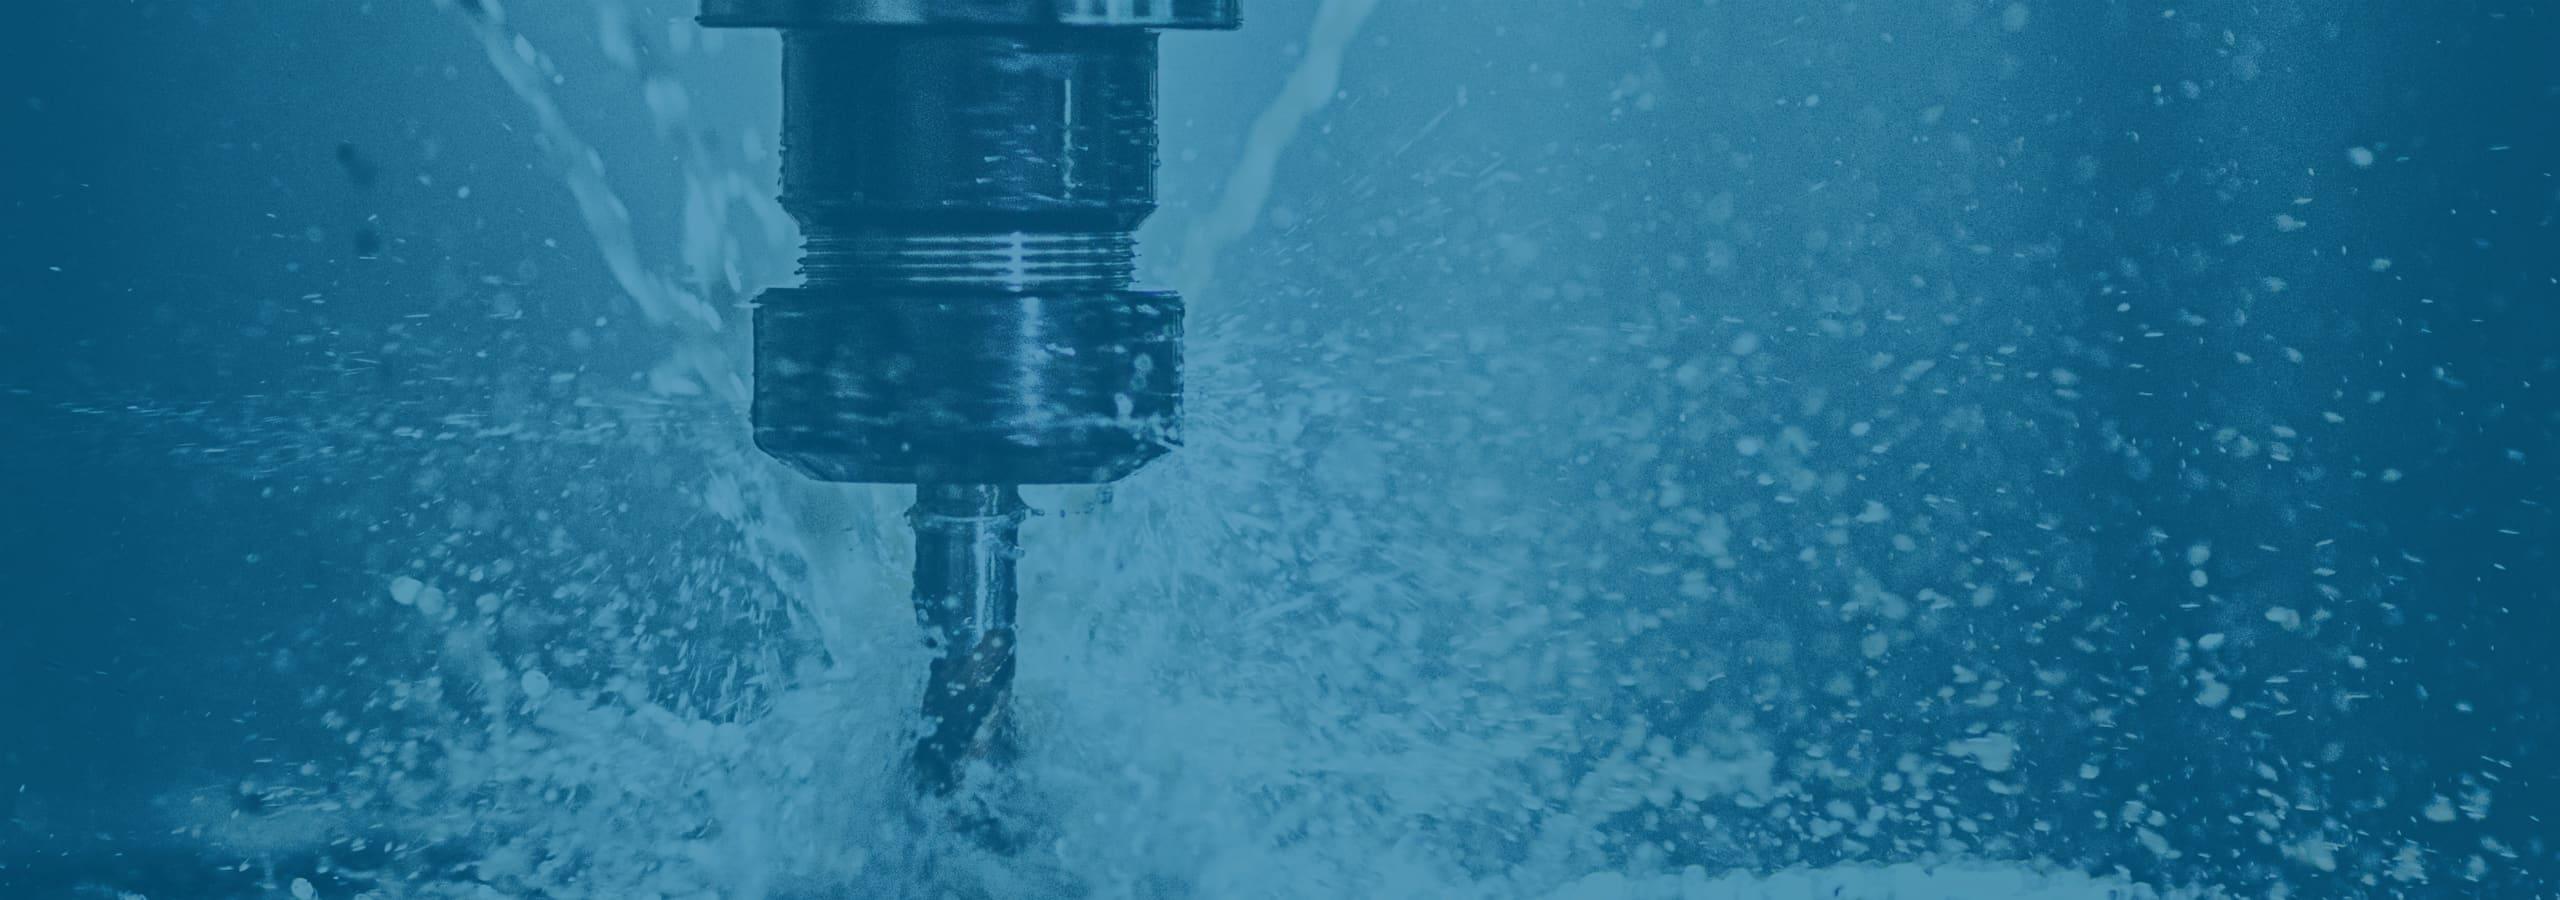 Interimleder til en mindre håndværksorienteret virksomhed der indgår i en større international koncern – 4-6 mdr. - Bergen/Norge.